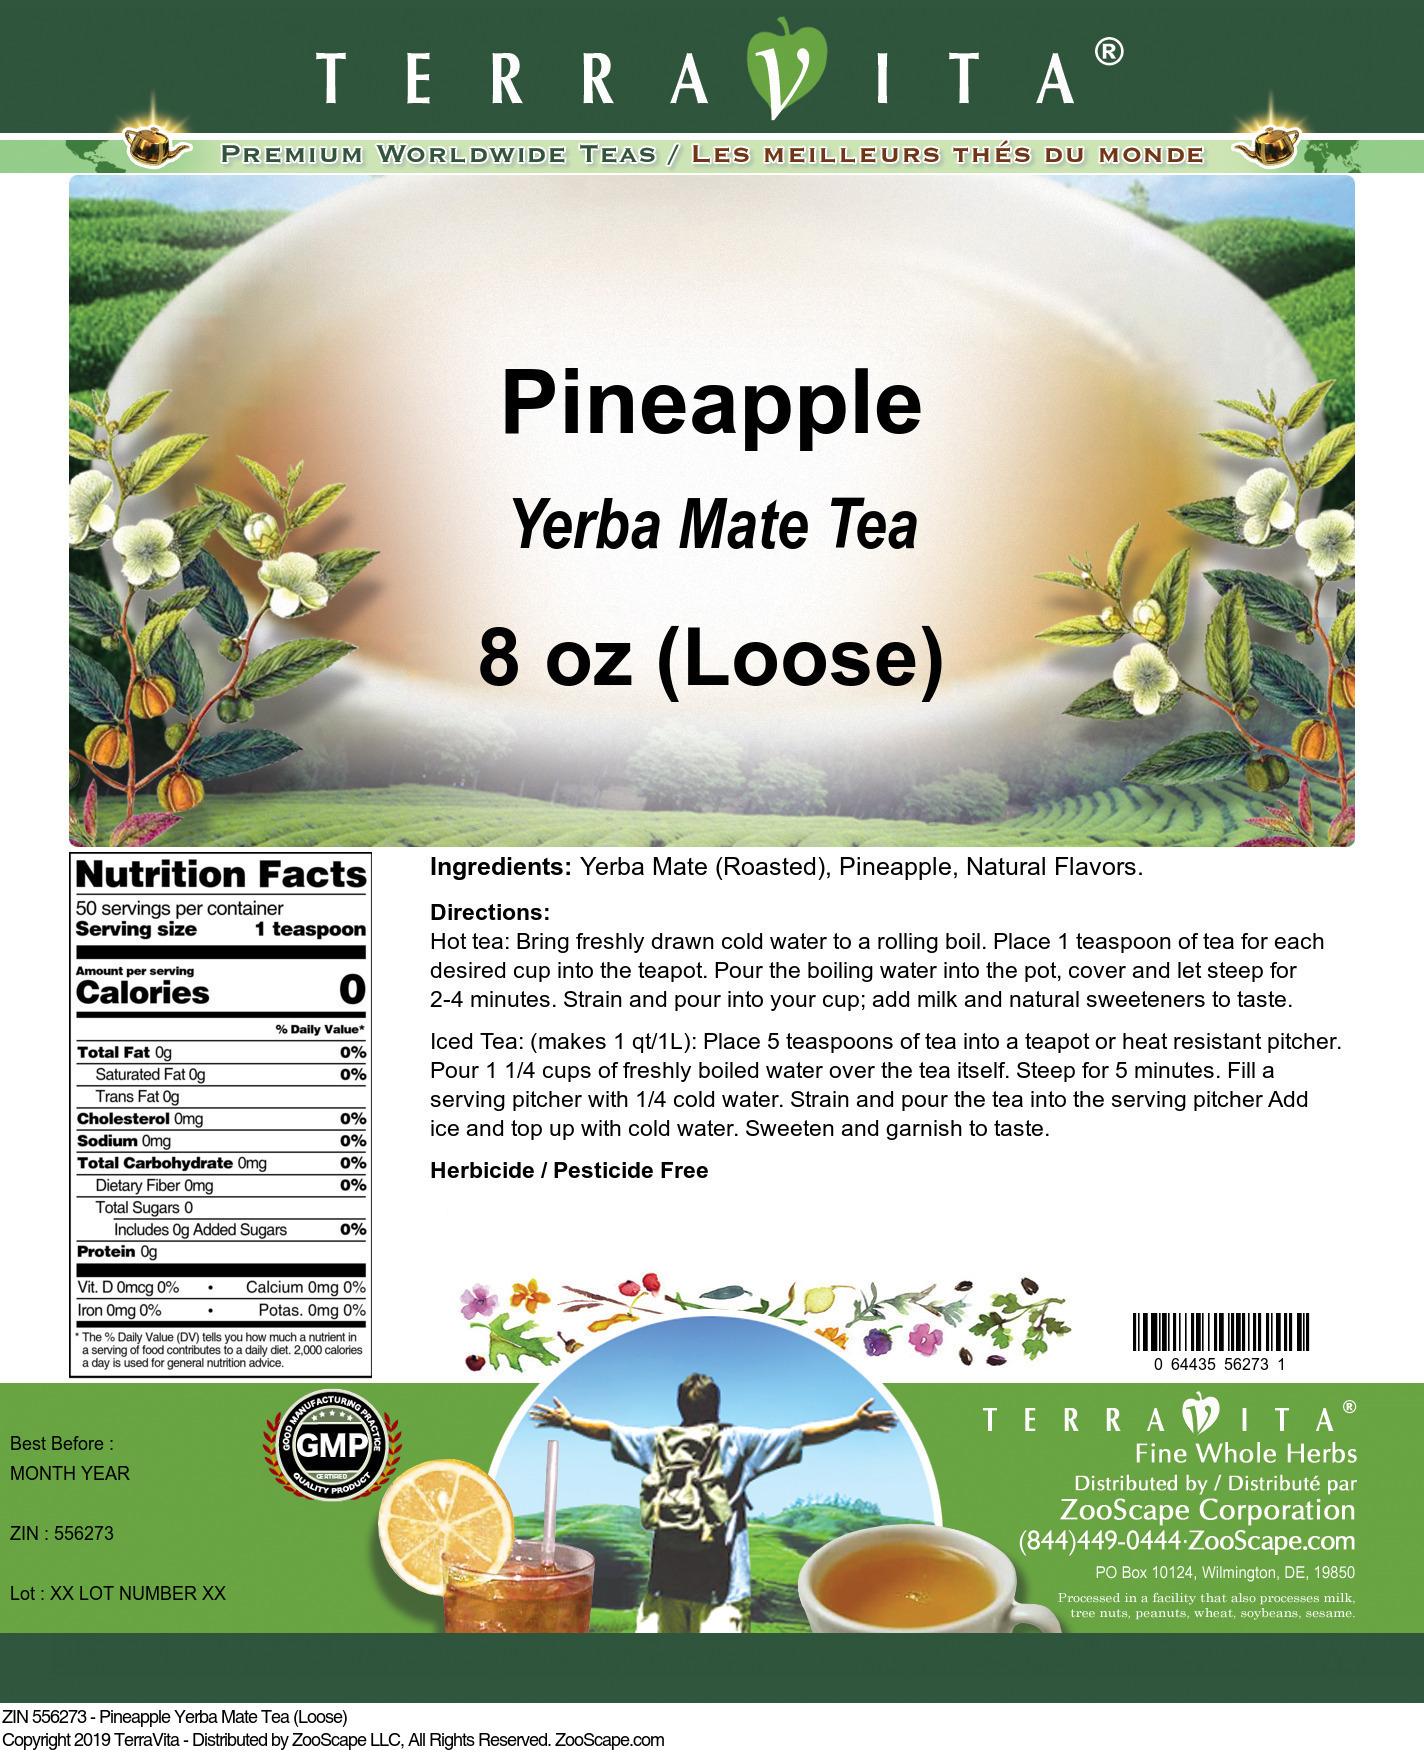 Pineapple Yerba Mate Tea (Loose)